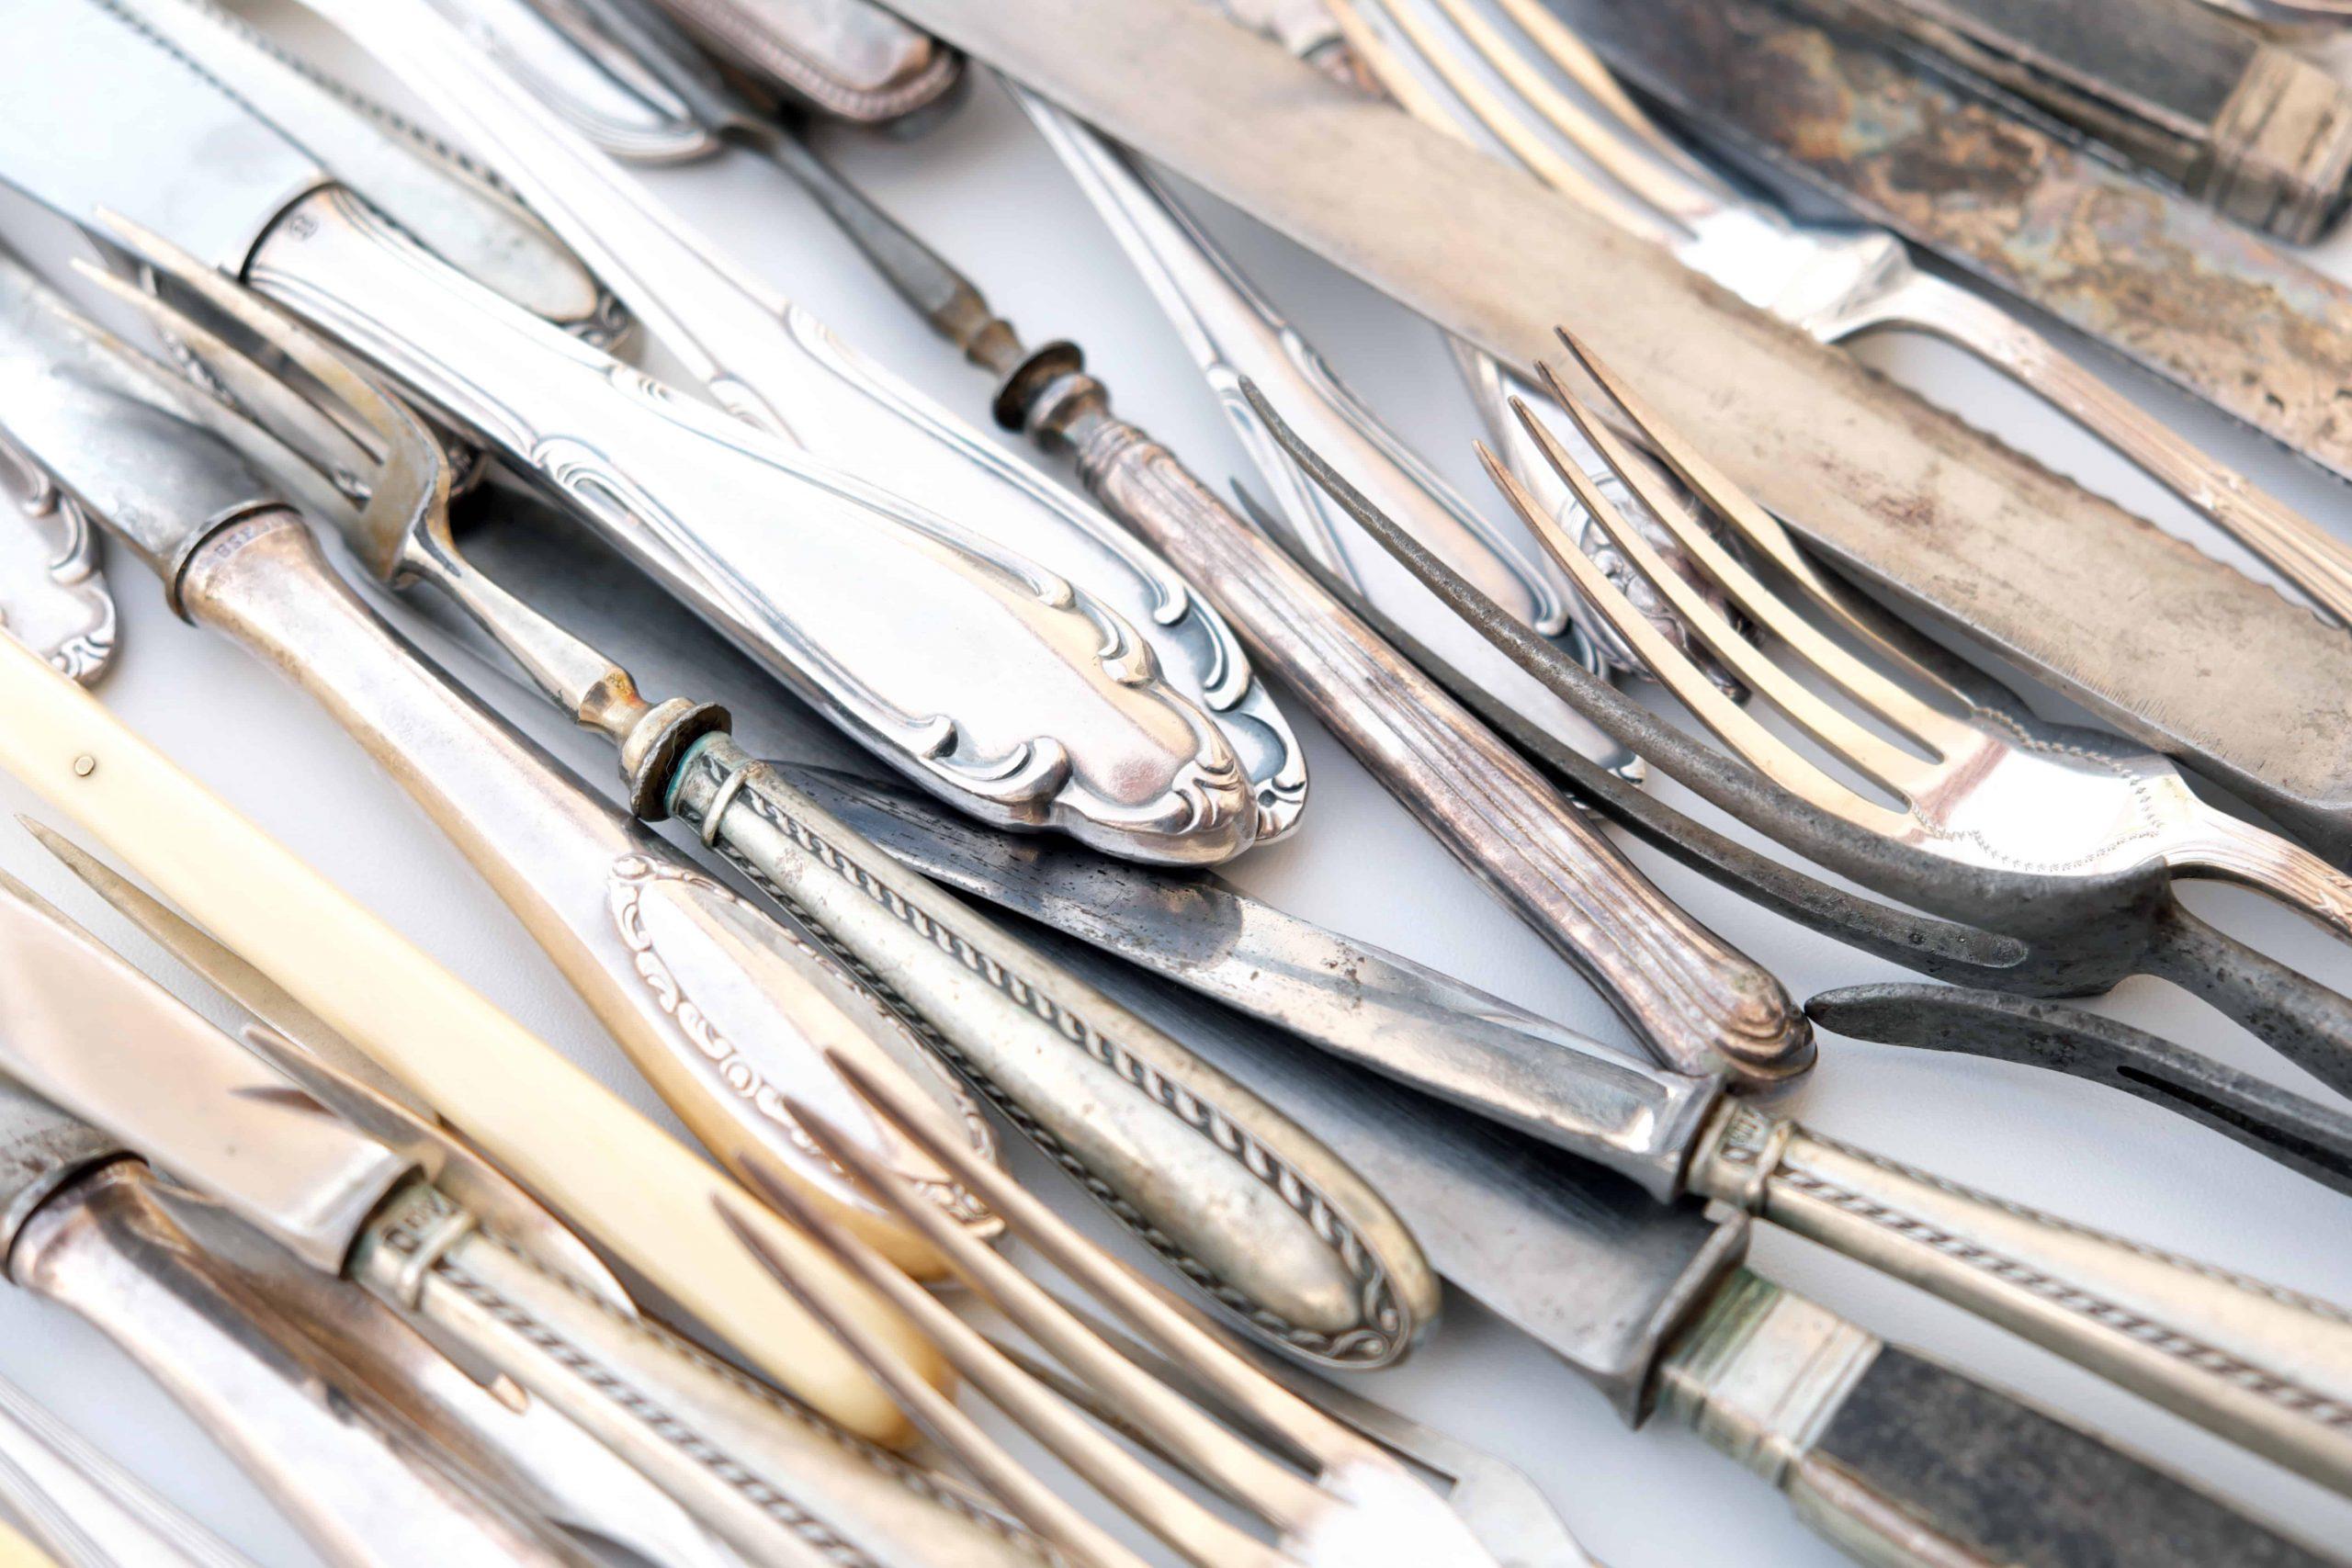 Silber reinigen: Die 15 besten Tipps zur Silber Reinigung für Zuhause